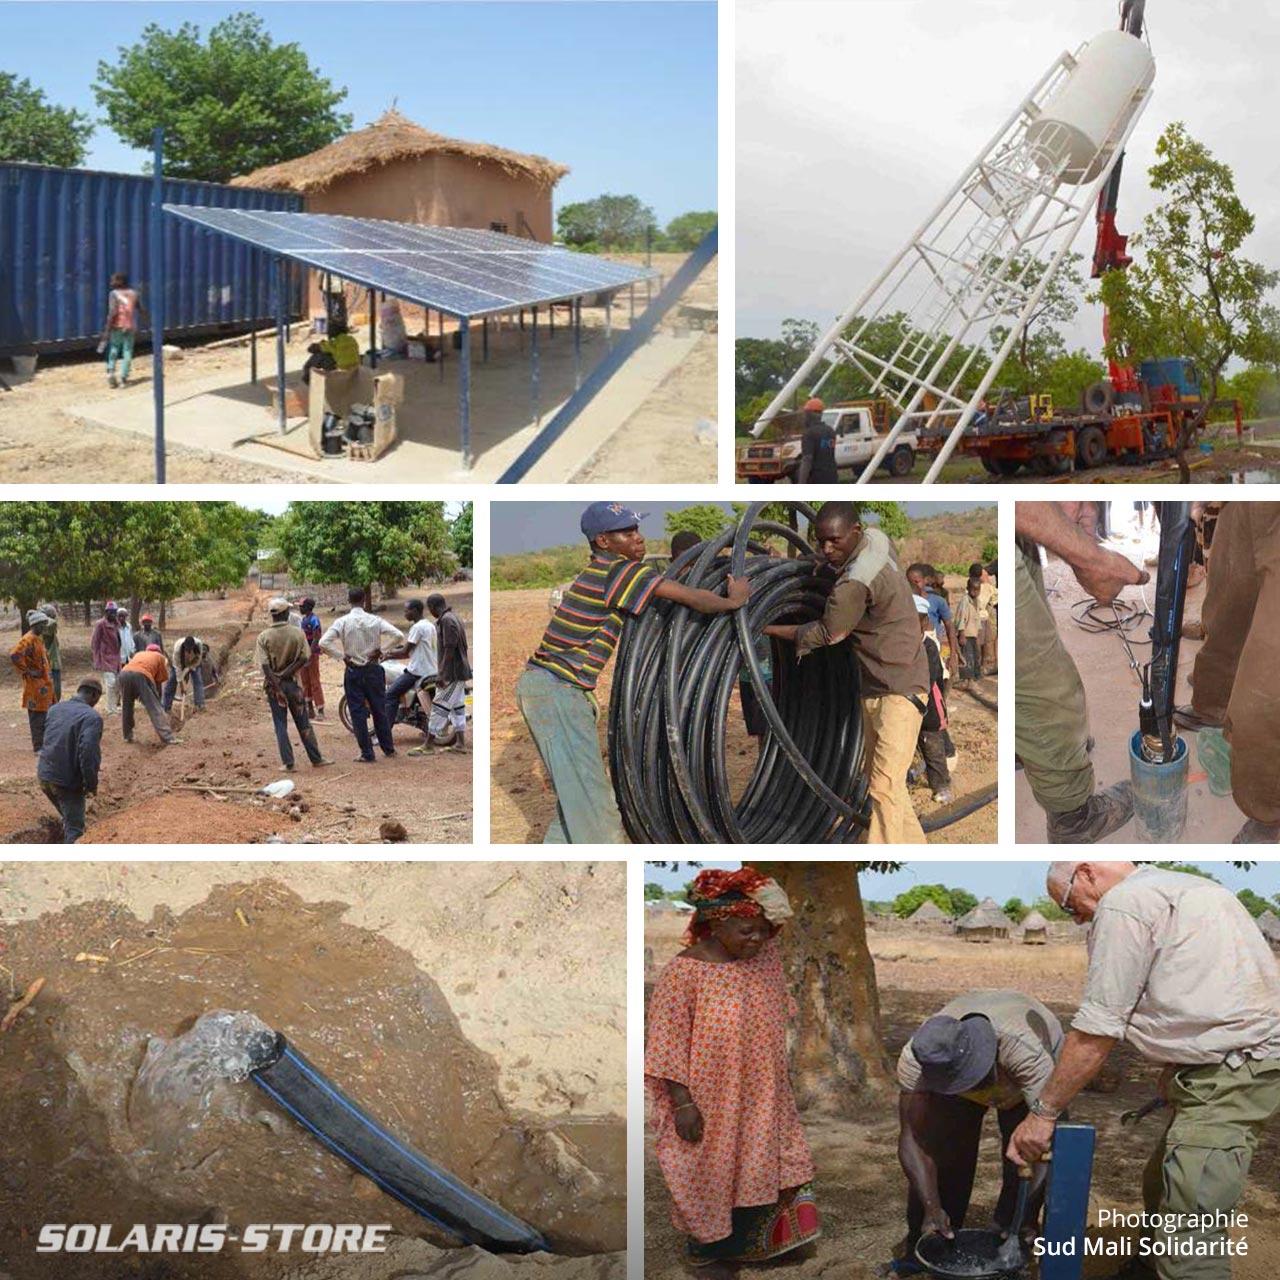 Projet humanitaire au Mali, construction d'une station de pompage solaire et adduction d'eau potable pour un village